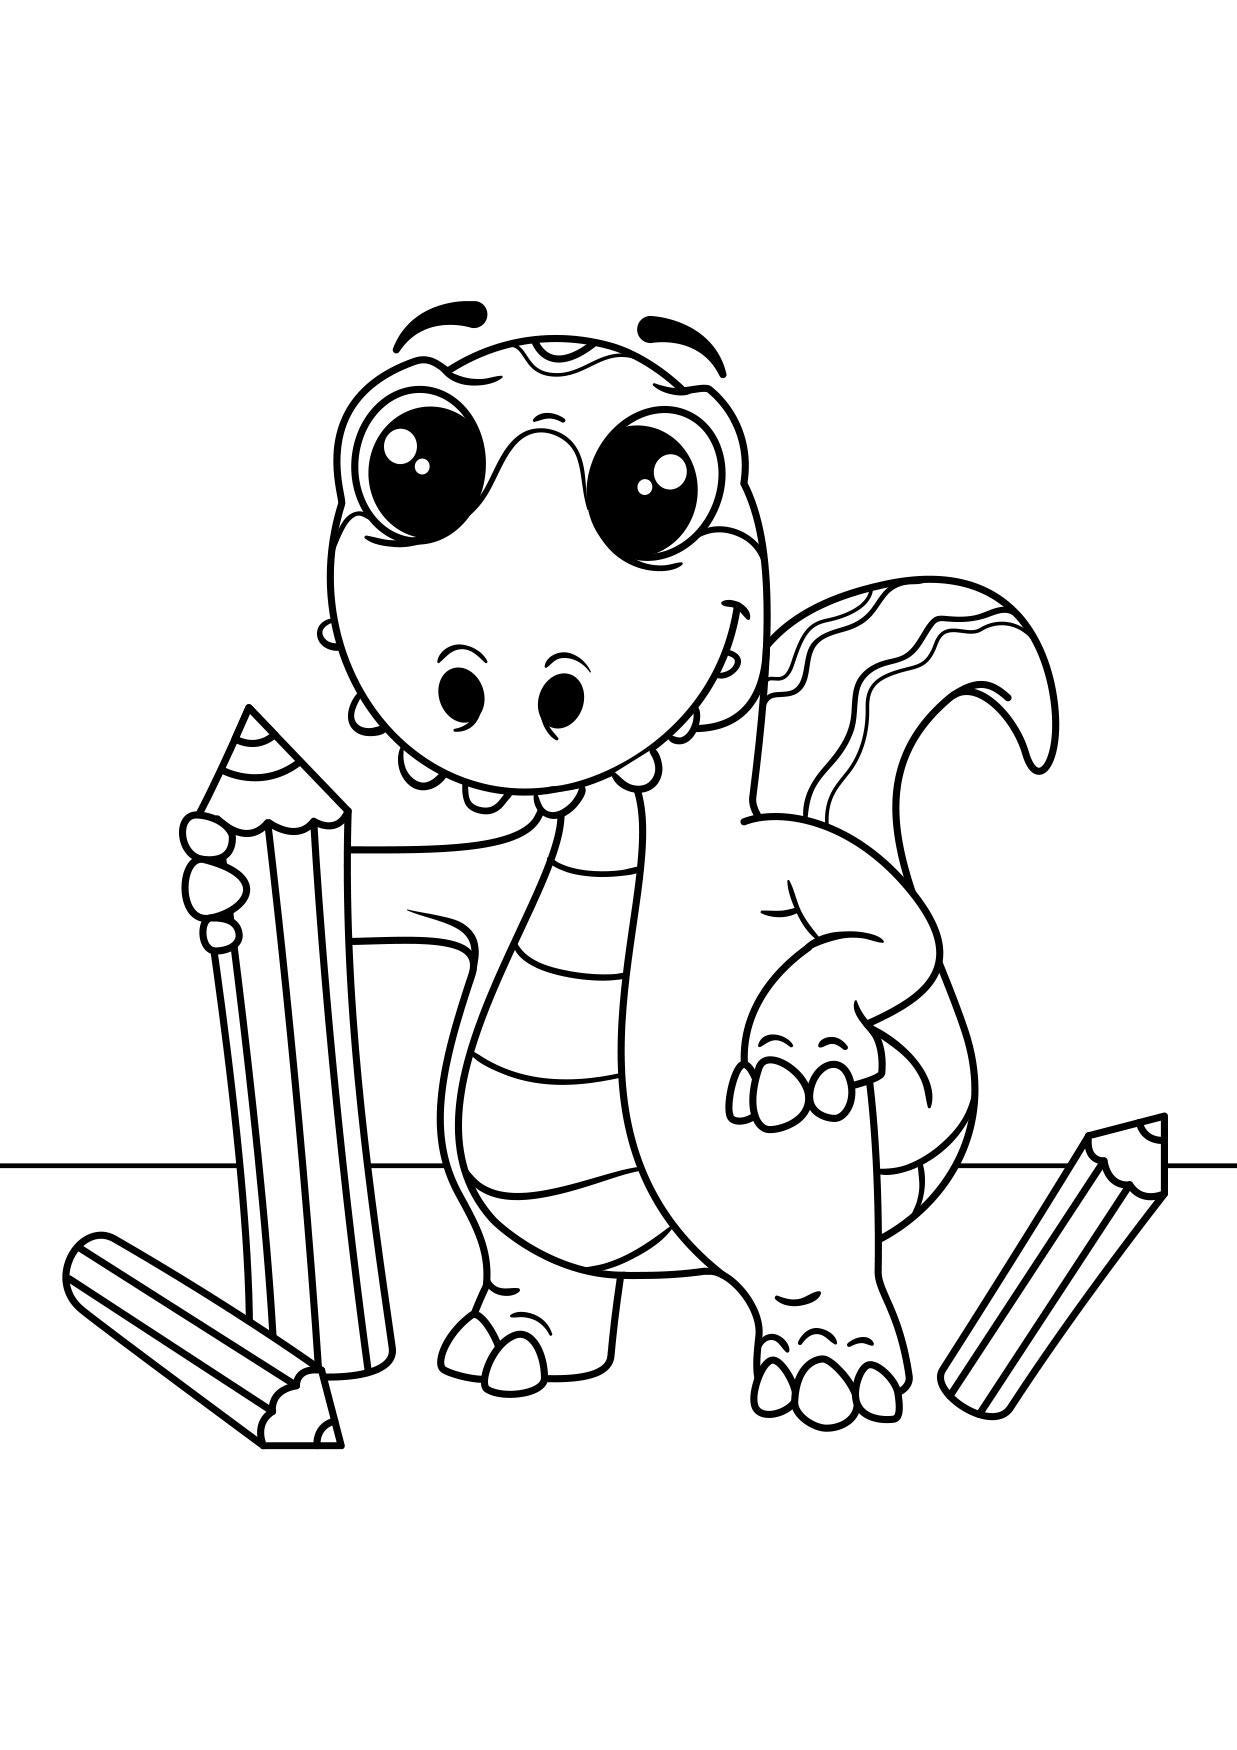 malvorlage dinosaurier zeichnet  kostenlose ausmalbilder